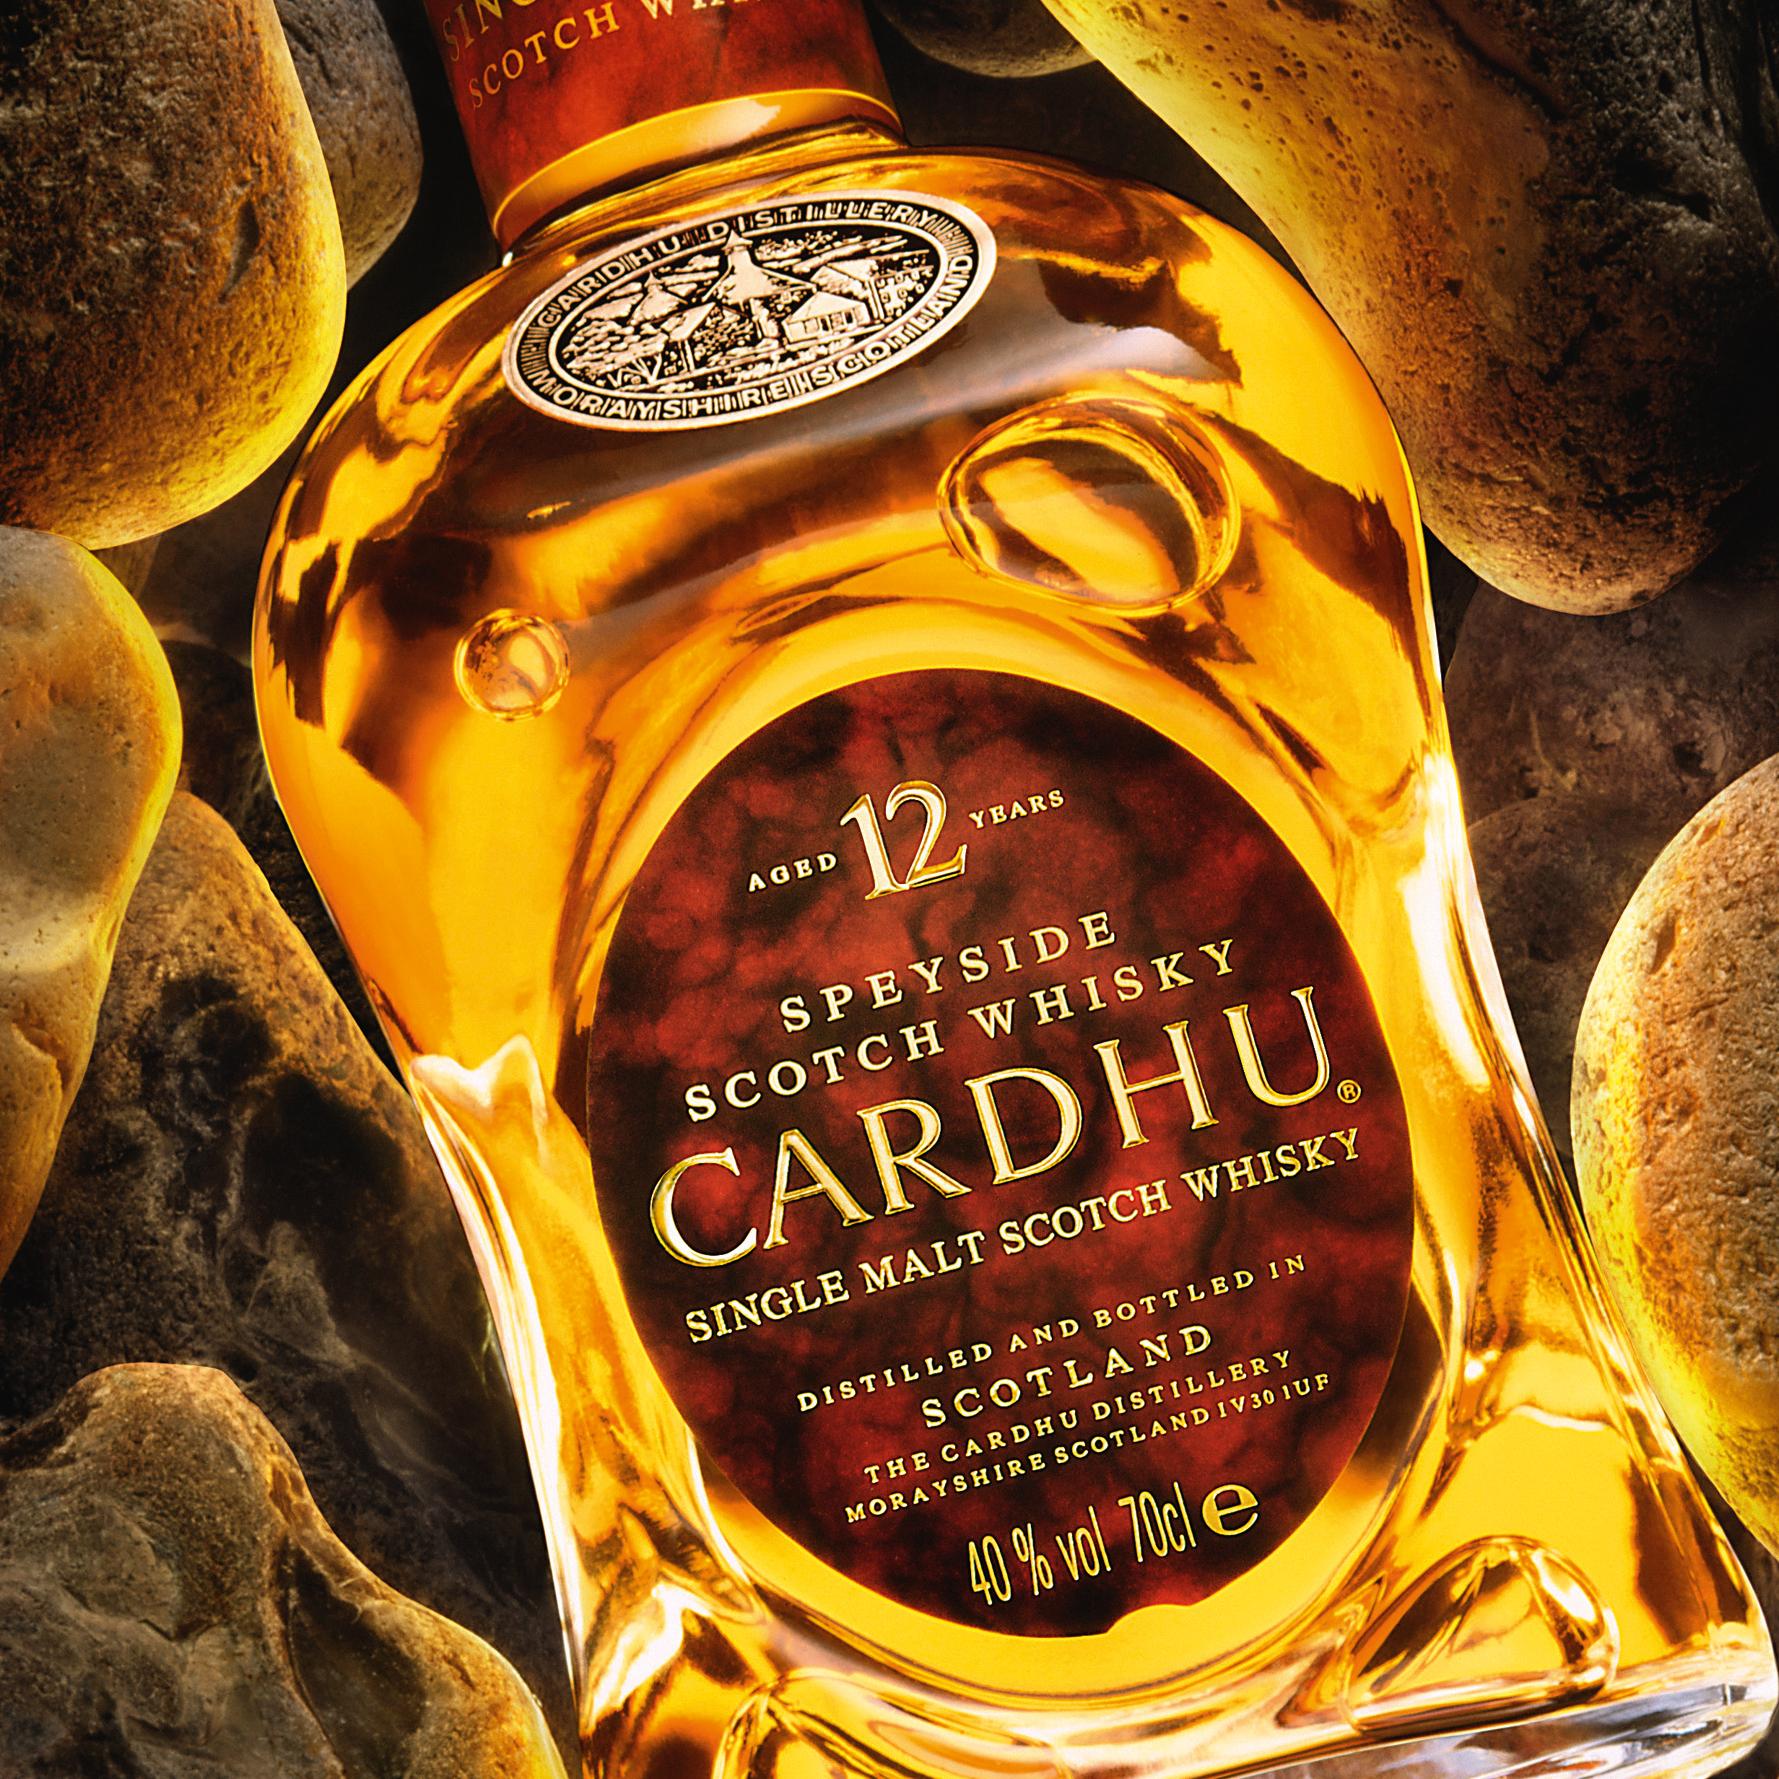 Cardhu-1